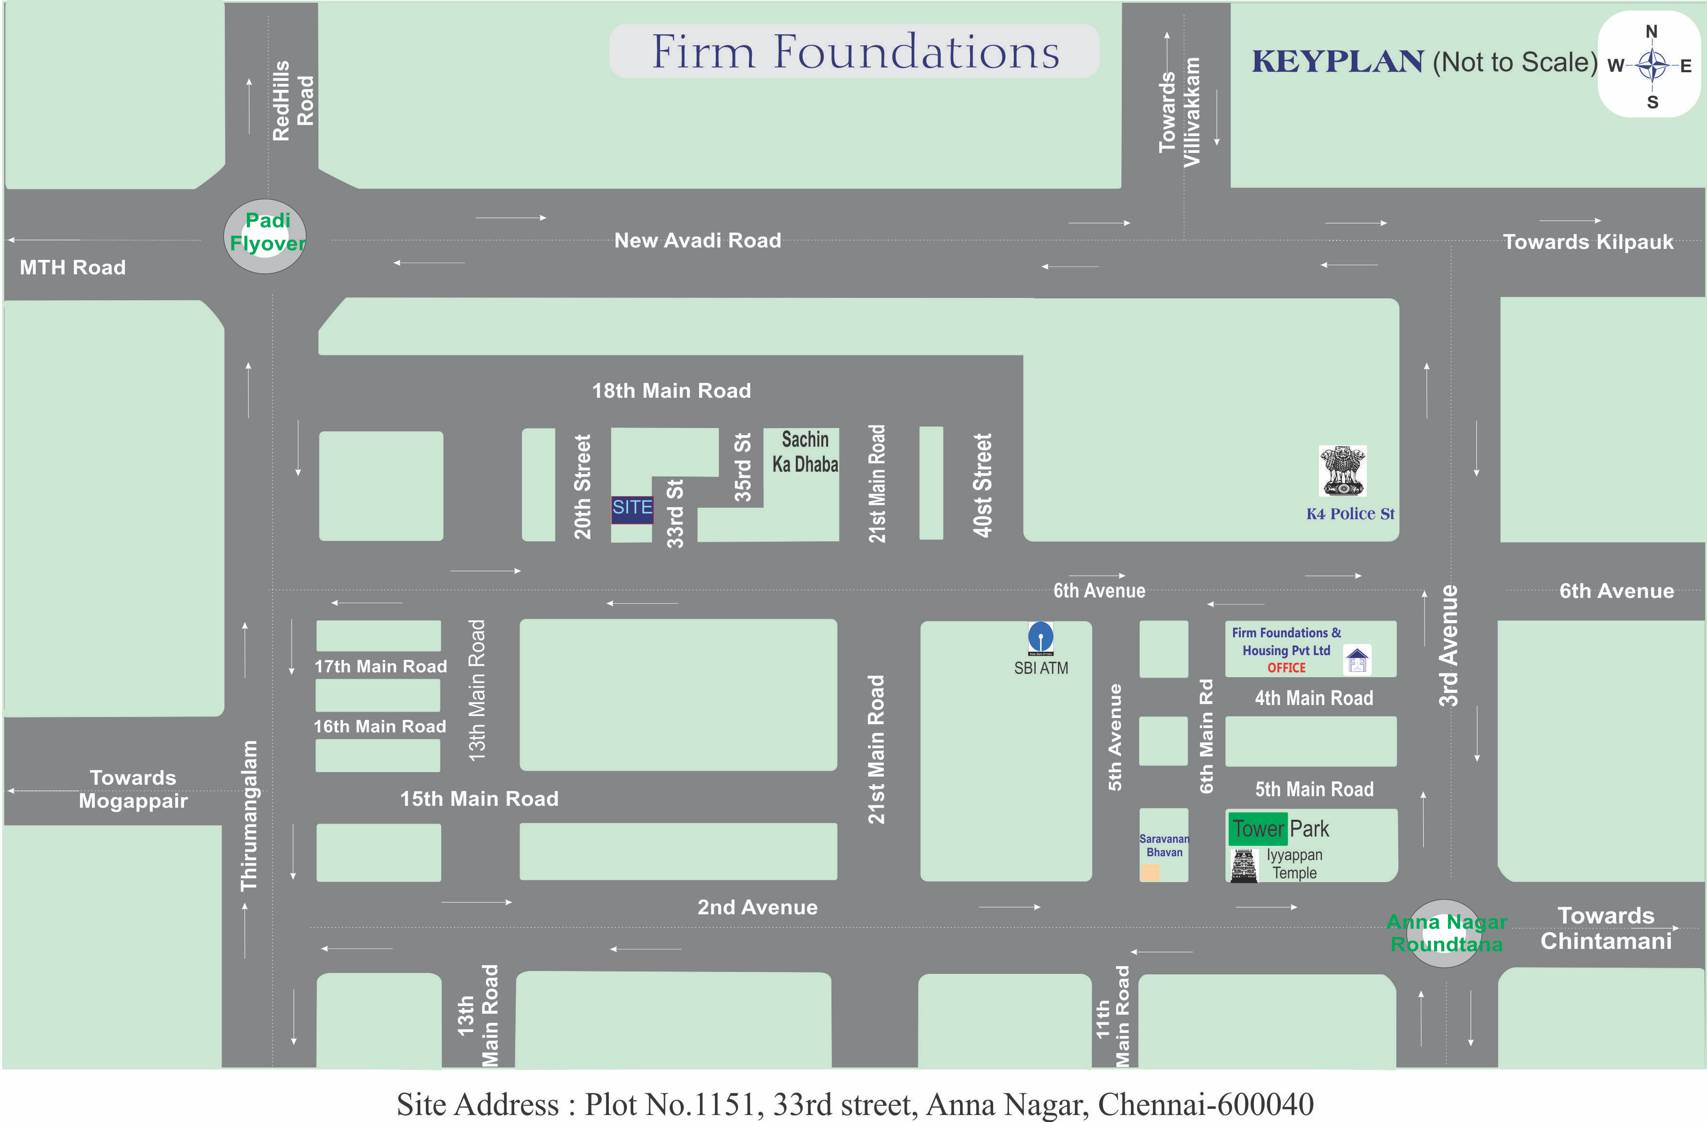 https://www.firmfoundations.in/projects/location/thumbnails/13712765247Key_Plan.jpg